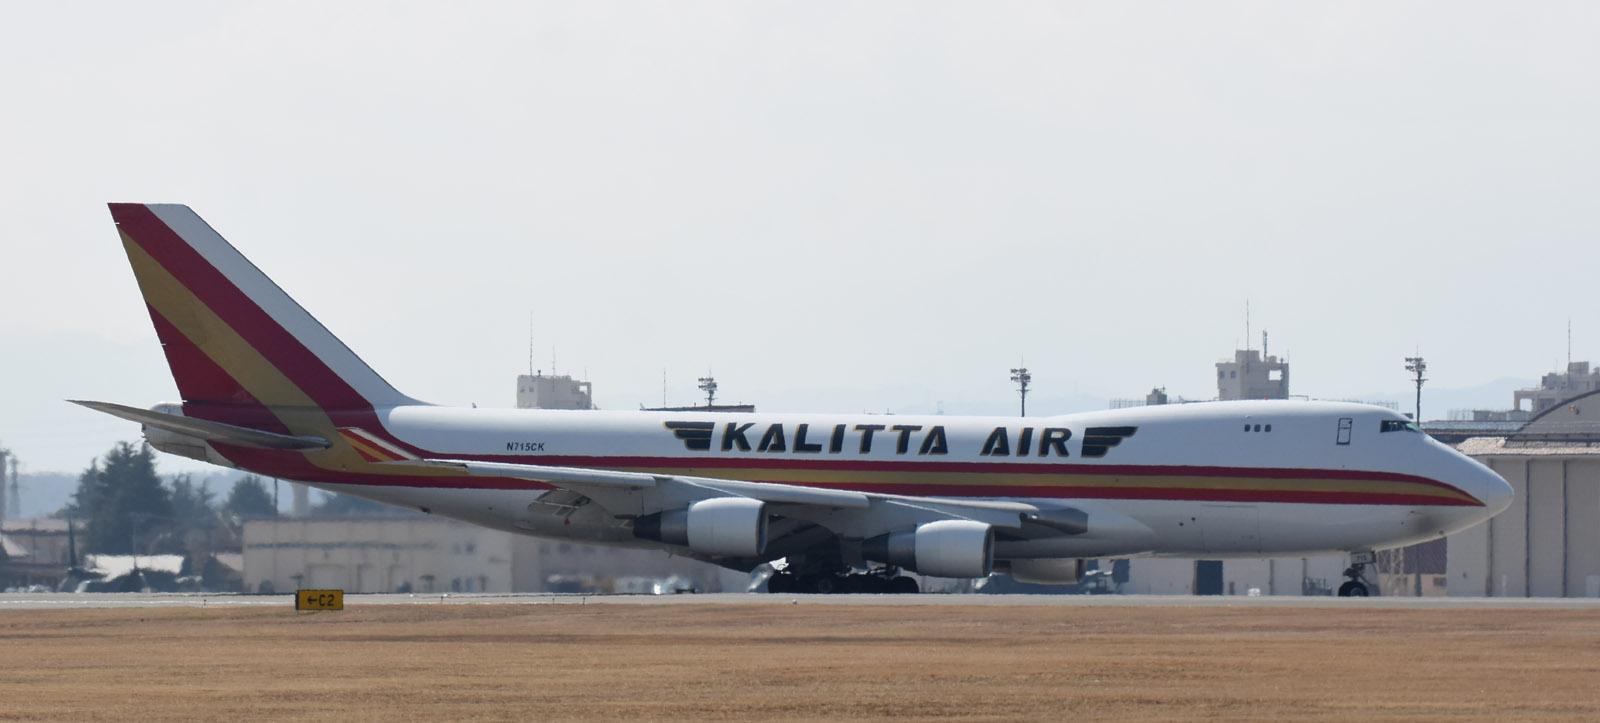 Kalitta190305g451